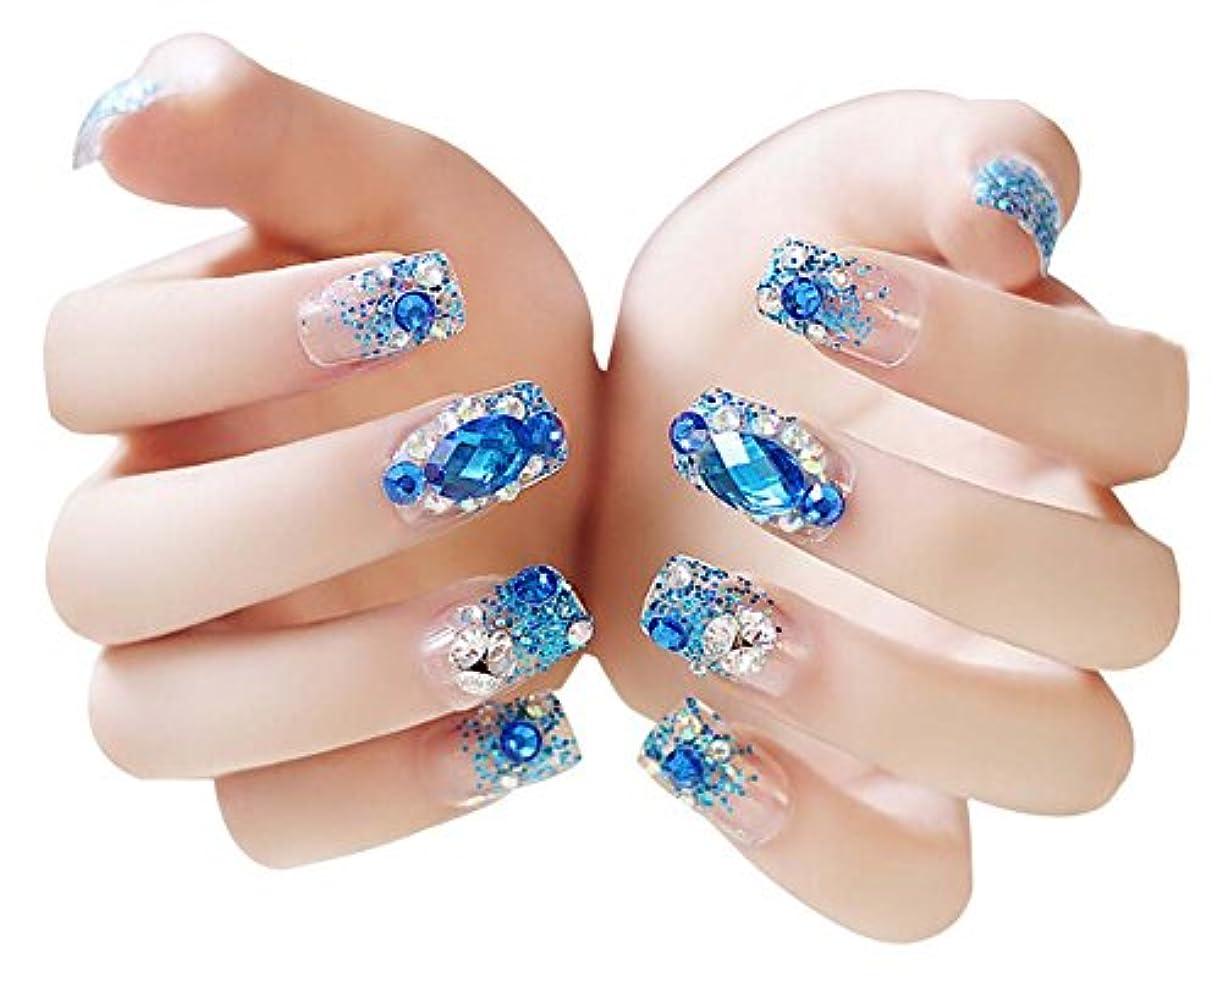 セットするパントリー女将美しいブルーのラインストーンの結婚式の偽の爪クリスタル偽のネイルアートセット、2パック - 48枚